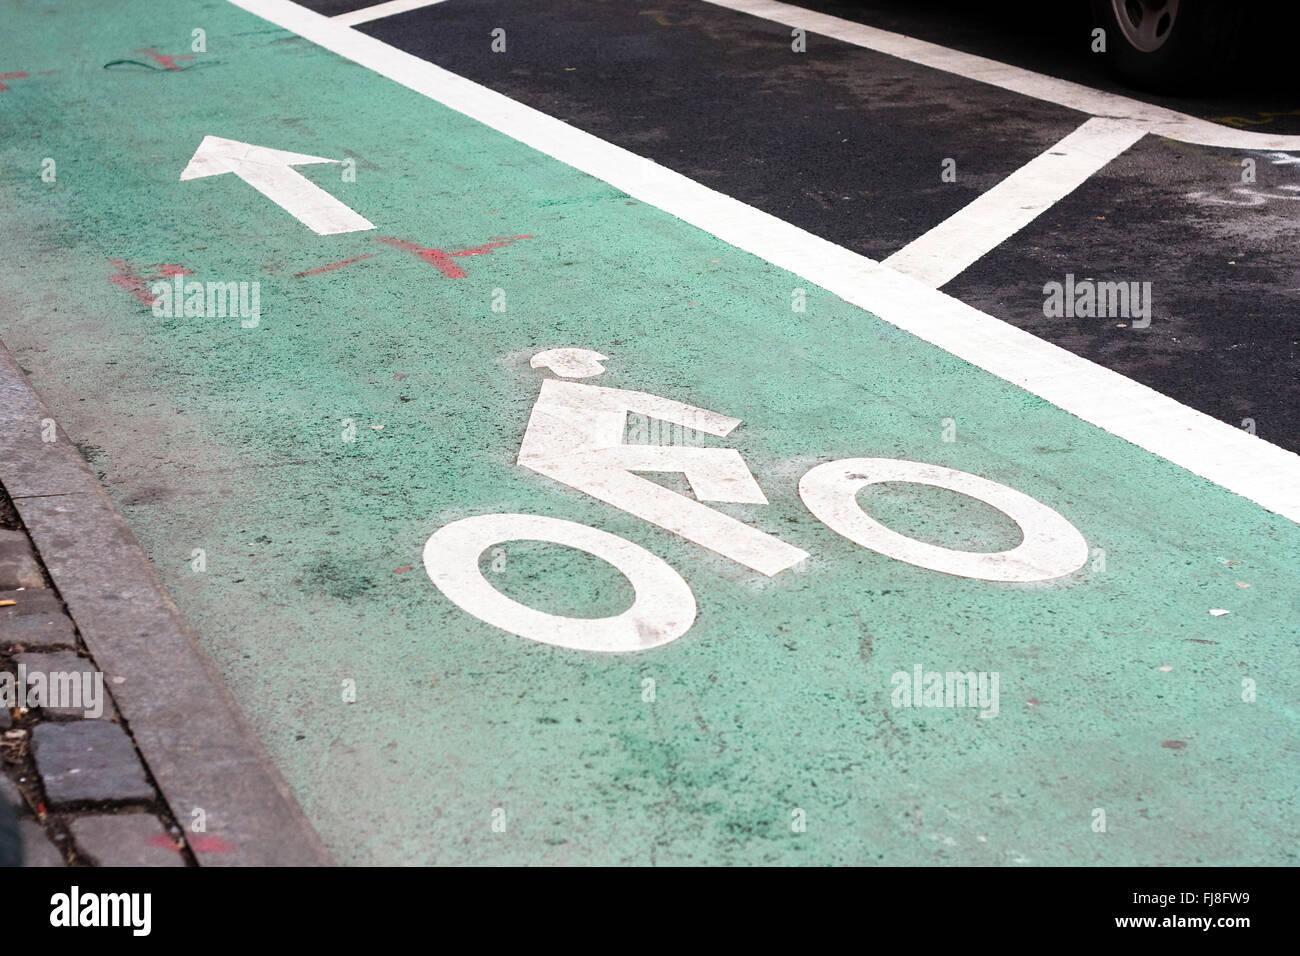 Pintura verde en la carretera designando un carril bici dedicado con un ciclista símbolo y flecha pintada en Imagen De Stock